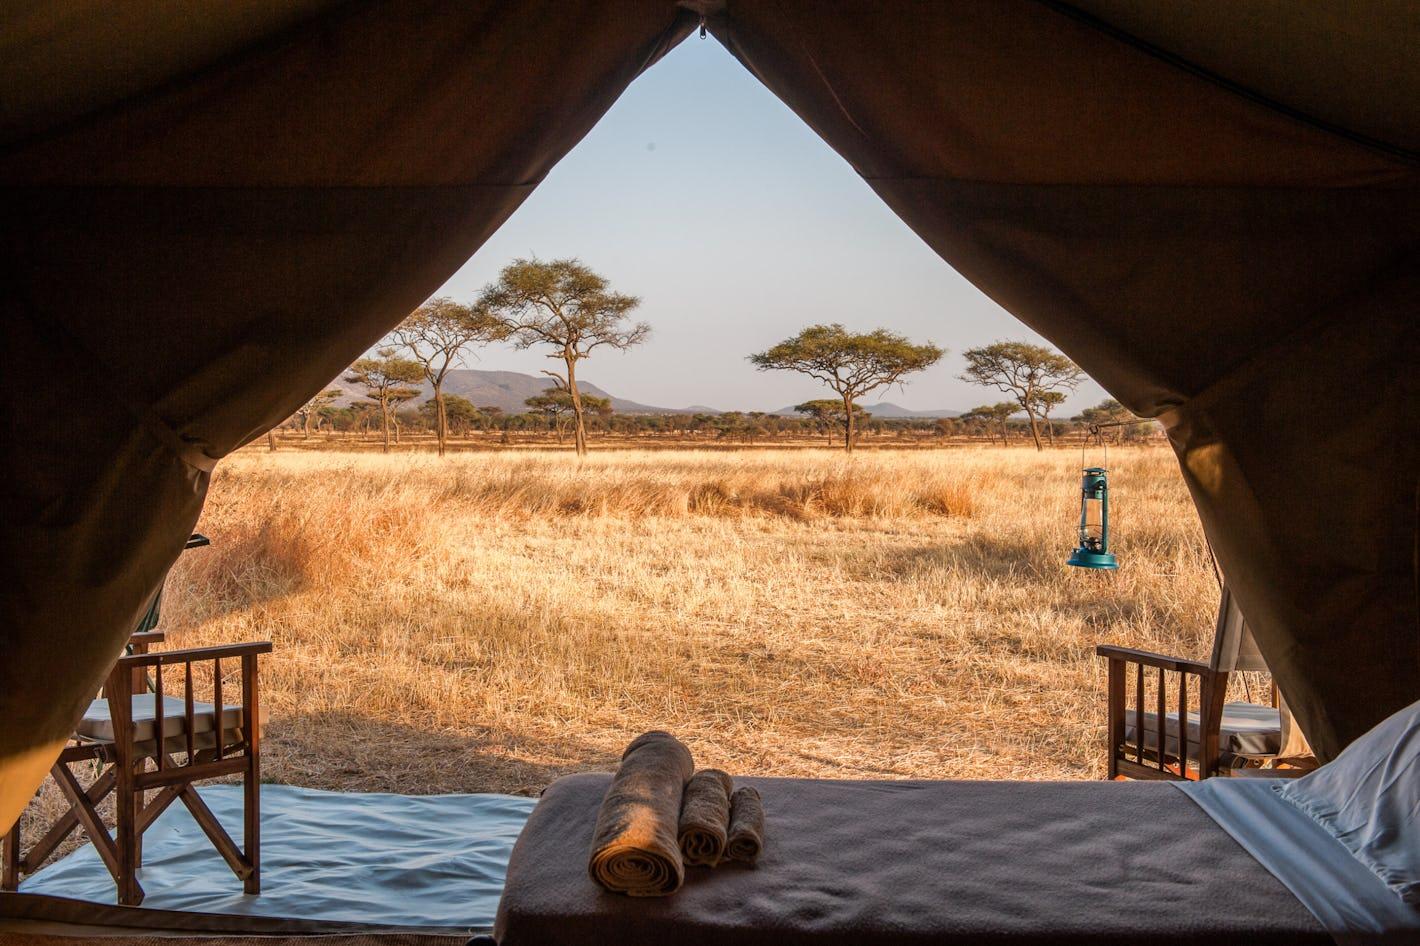 Serengeti Kati Kati Tented Camp, Tanzania | Timbuktu Travel